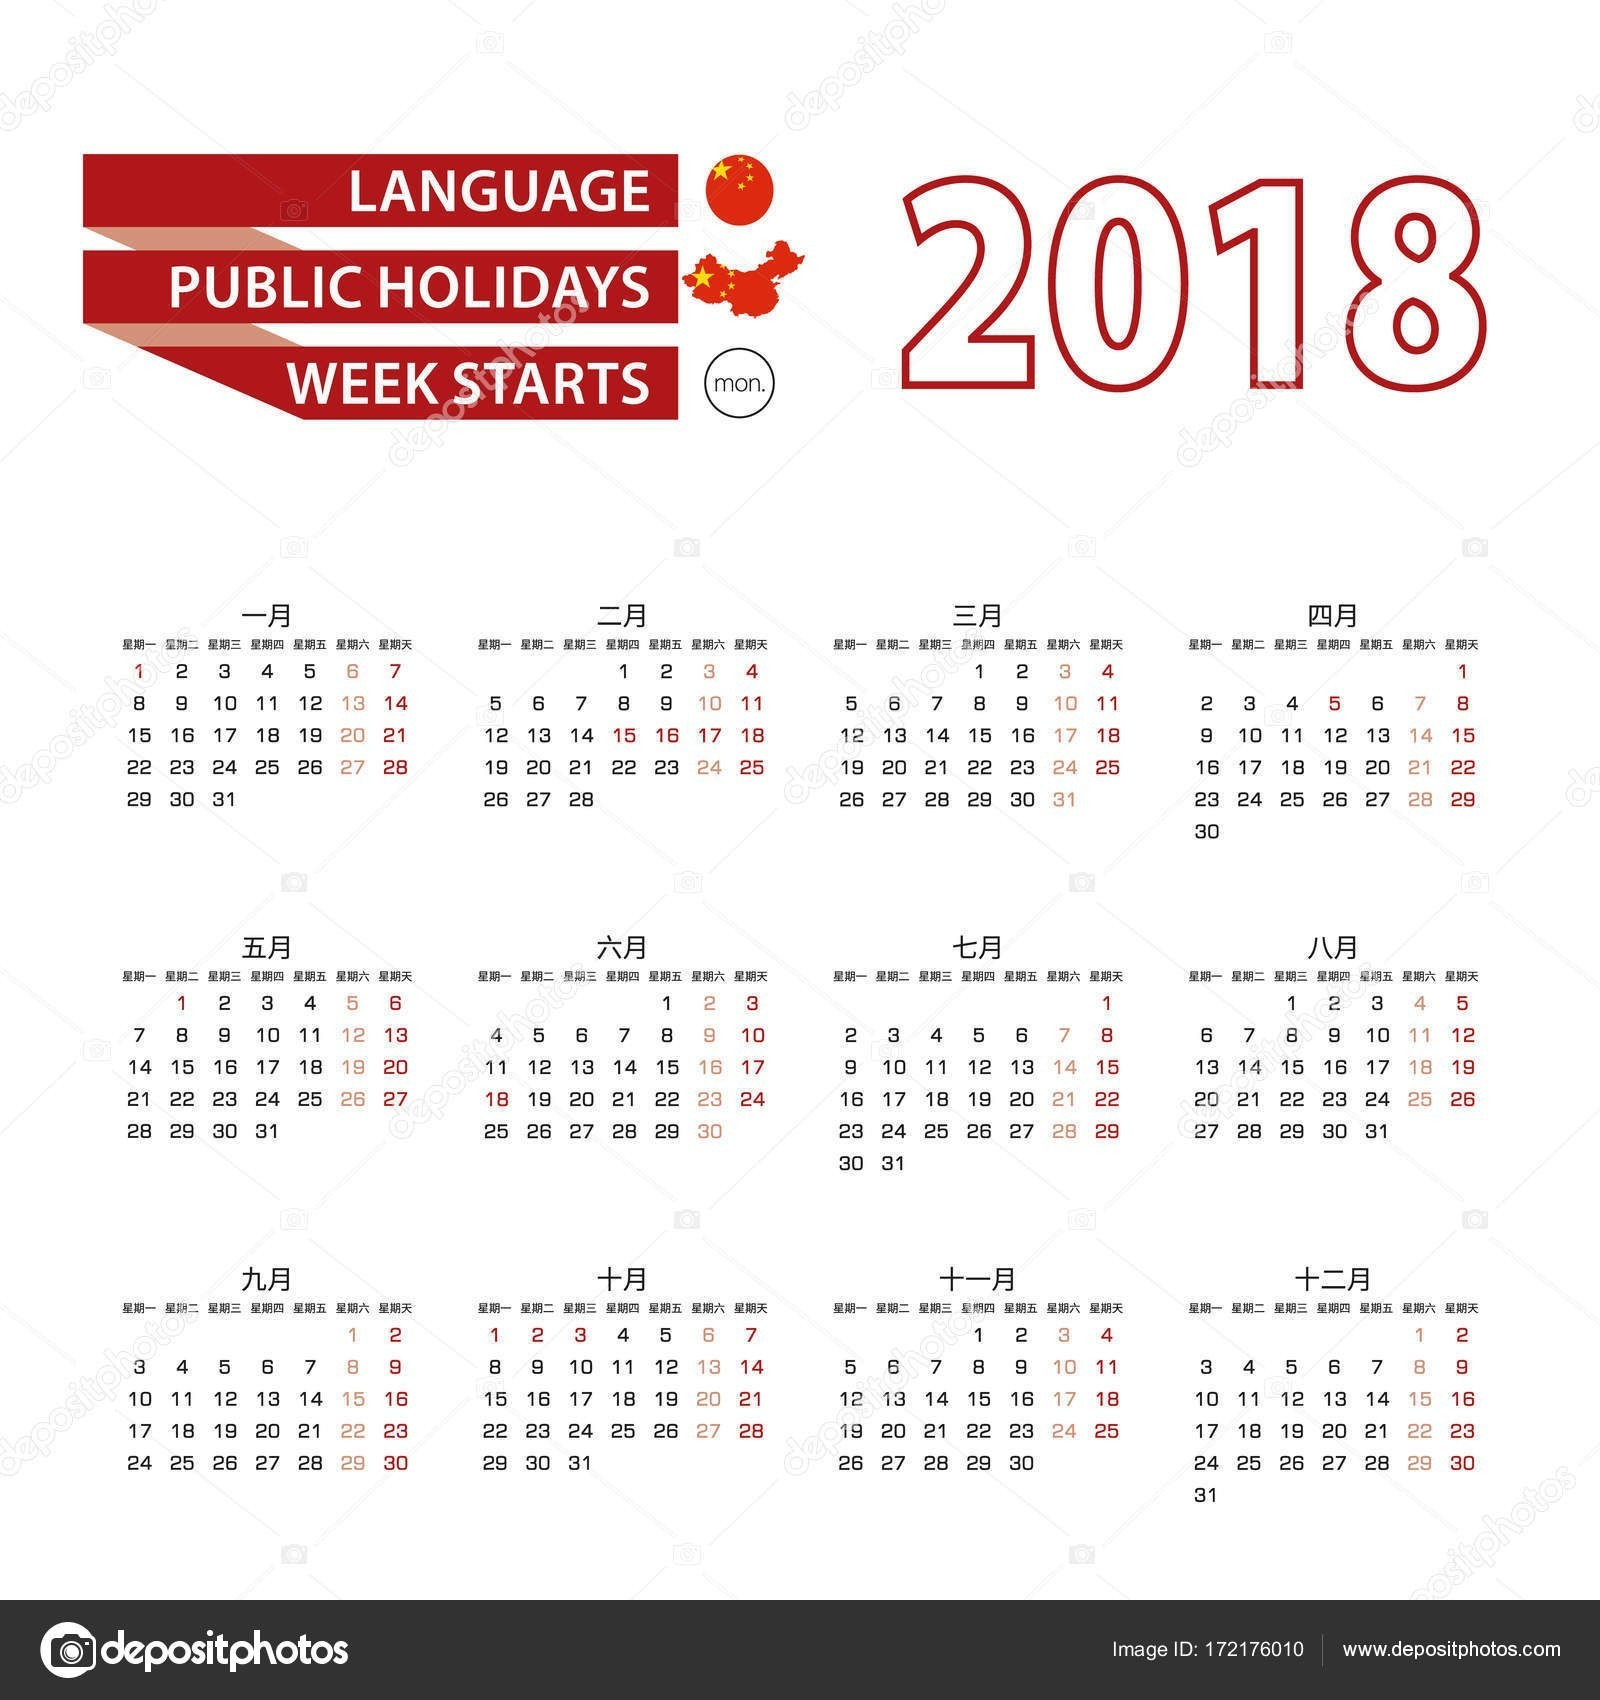 Calendario Enero 2019 Para Imprimir A4 Más Recientes Informes Kalender 2019 Mandarin Calendario 2019 Of Calendario Enero 2019 Para Imprimir A4 Más Actual Calendario De Mesa 2016 Prar Takvim Kalender Hd